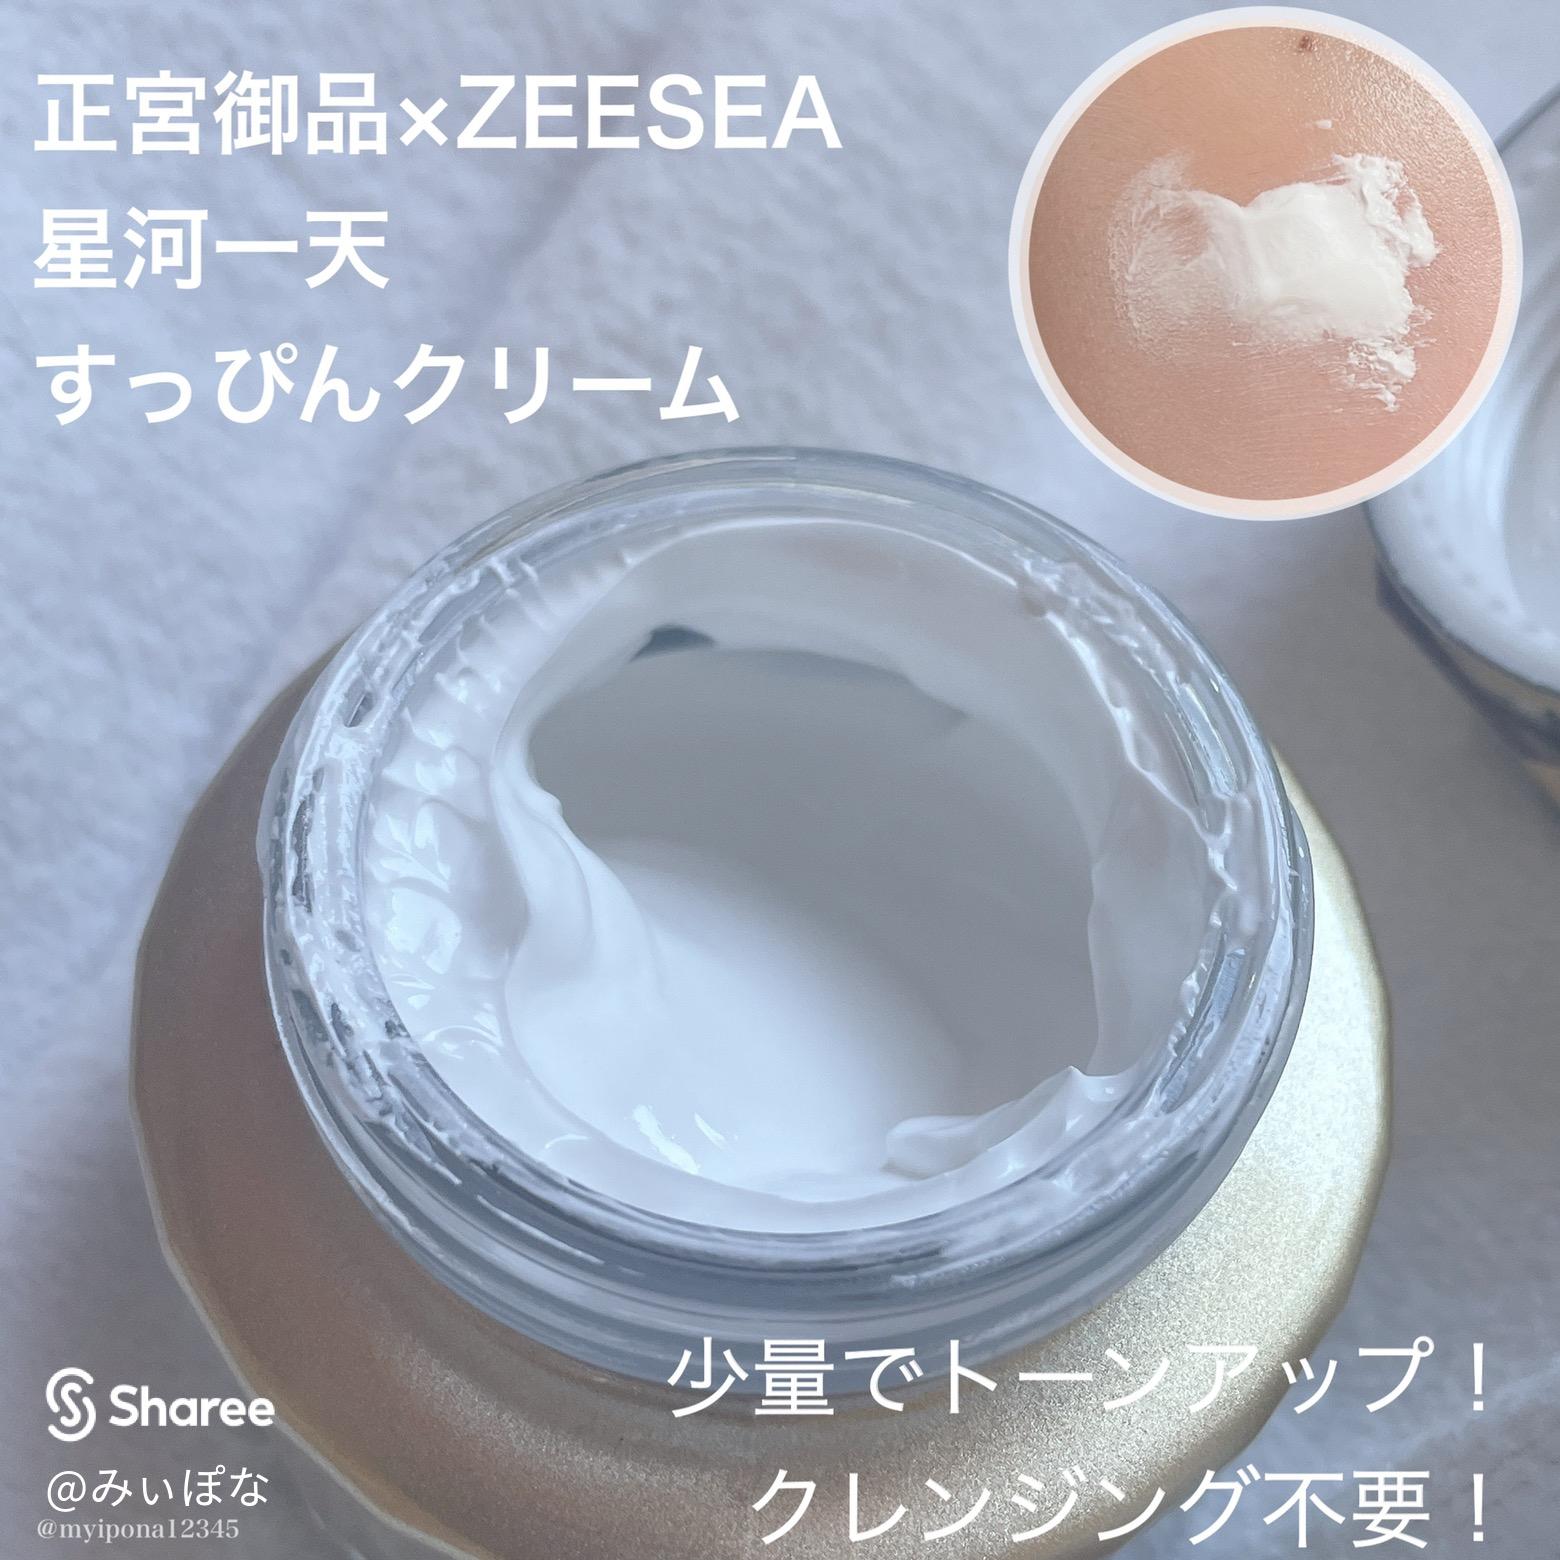 ZEESEA(ズーシー) ZEESEAx正宮御品 星河一天 すっぴんクリームに関するみぃぽなさんの口コミ画像3